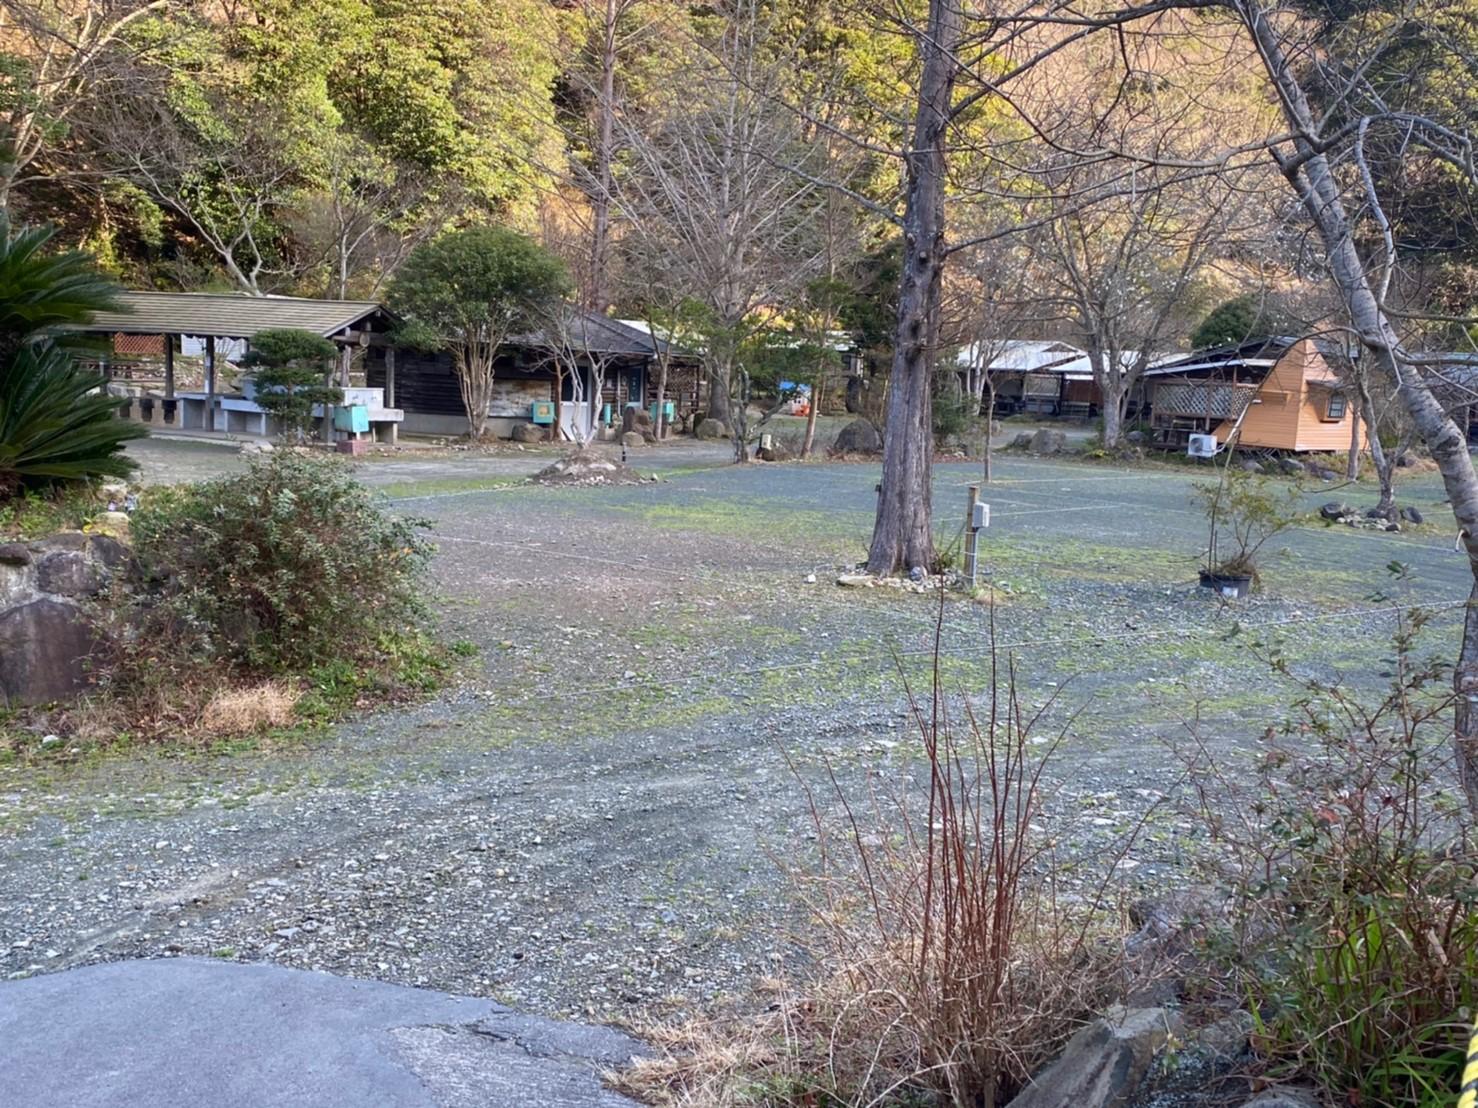 【川・森・自然豊か!】『西伊豆オートキャンプ場』の情報まとめ(駐車場・トイレ)